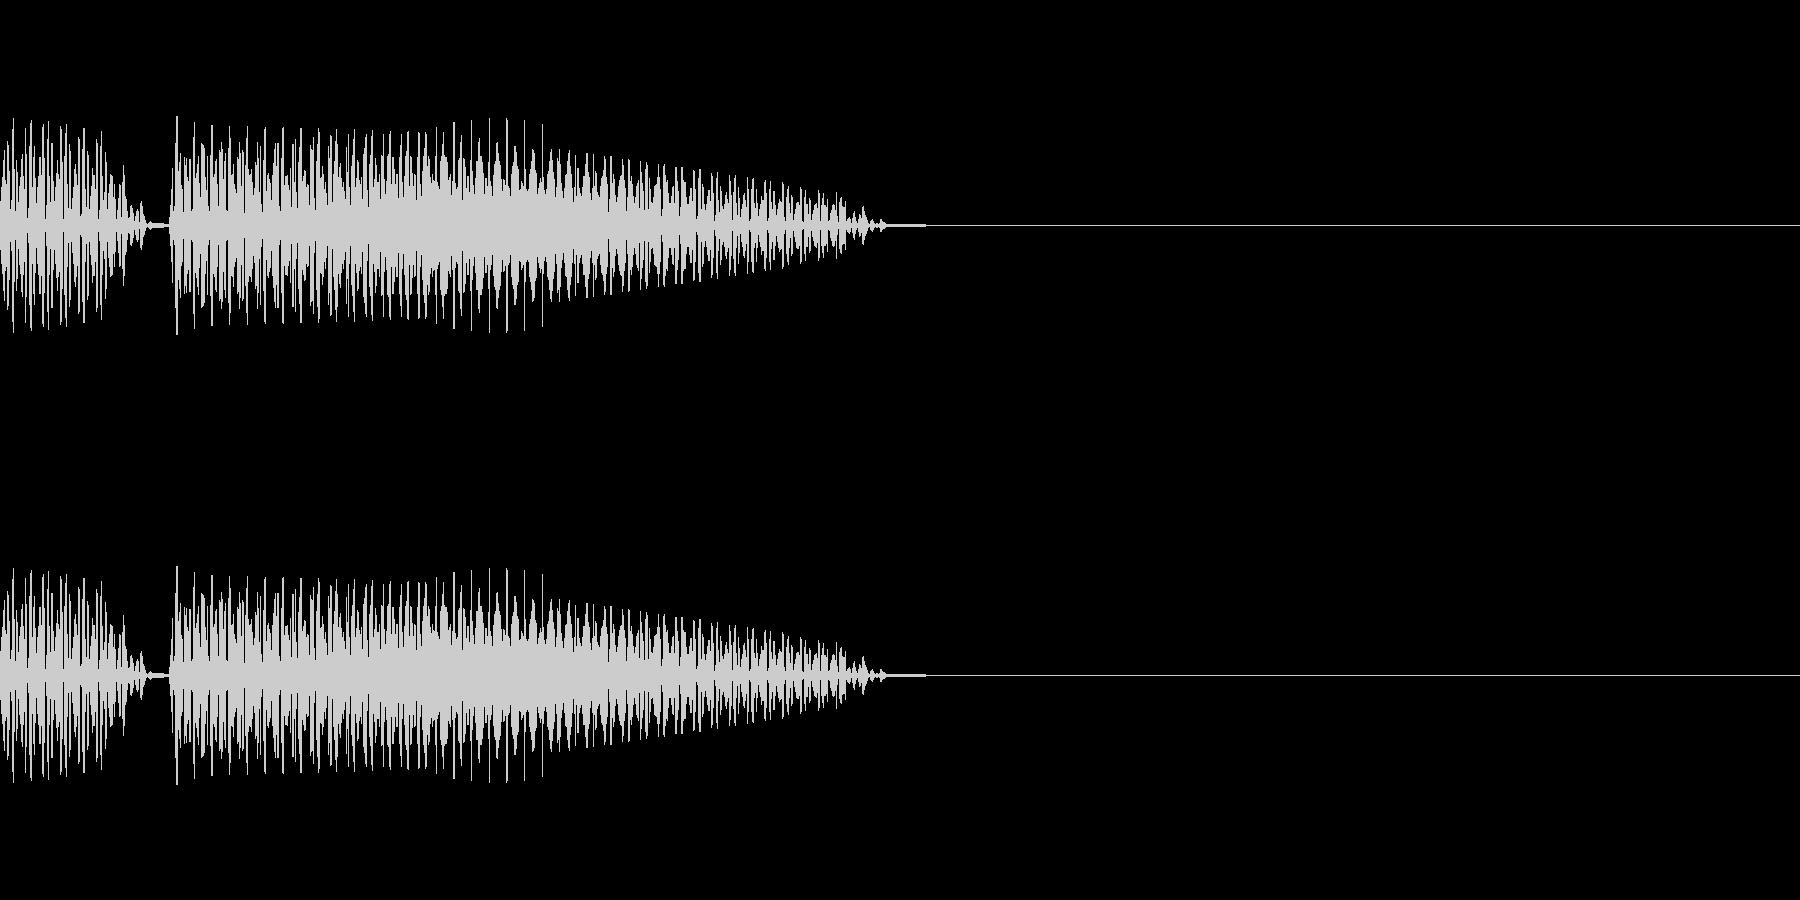 ブブー(クイズ不正解音、ハズレの音)の未再生の波形